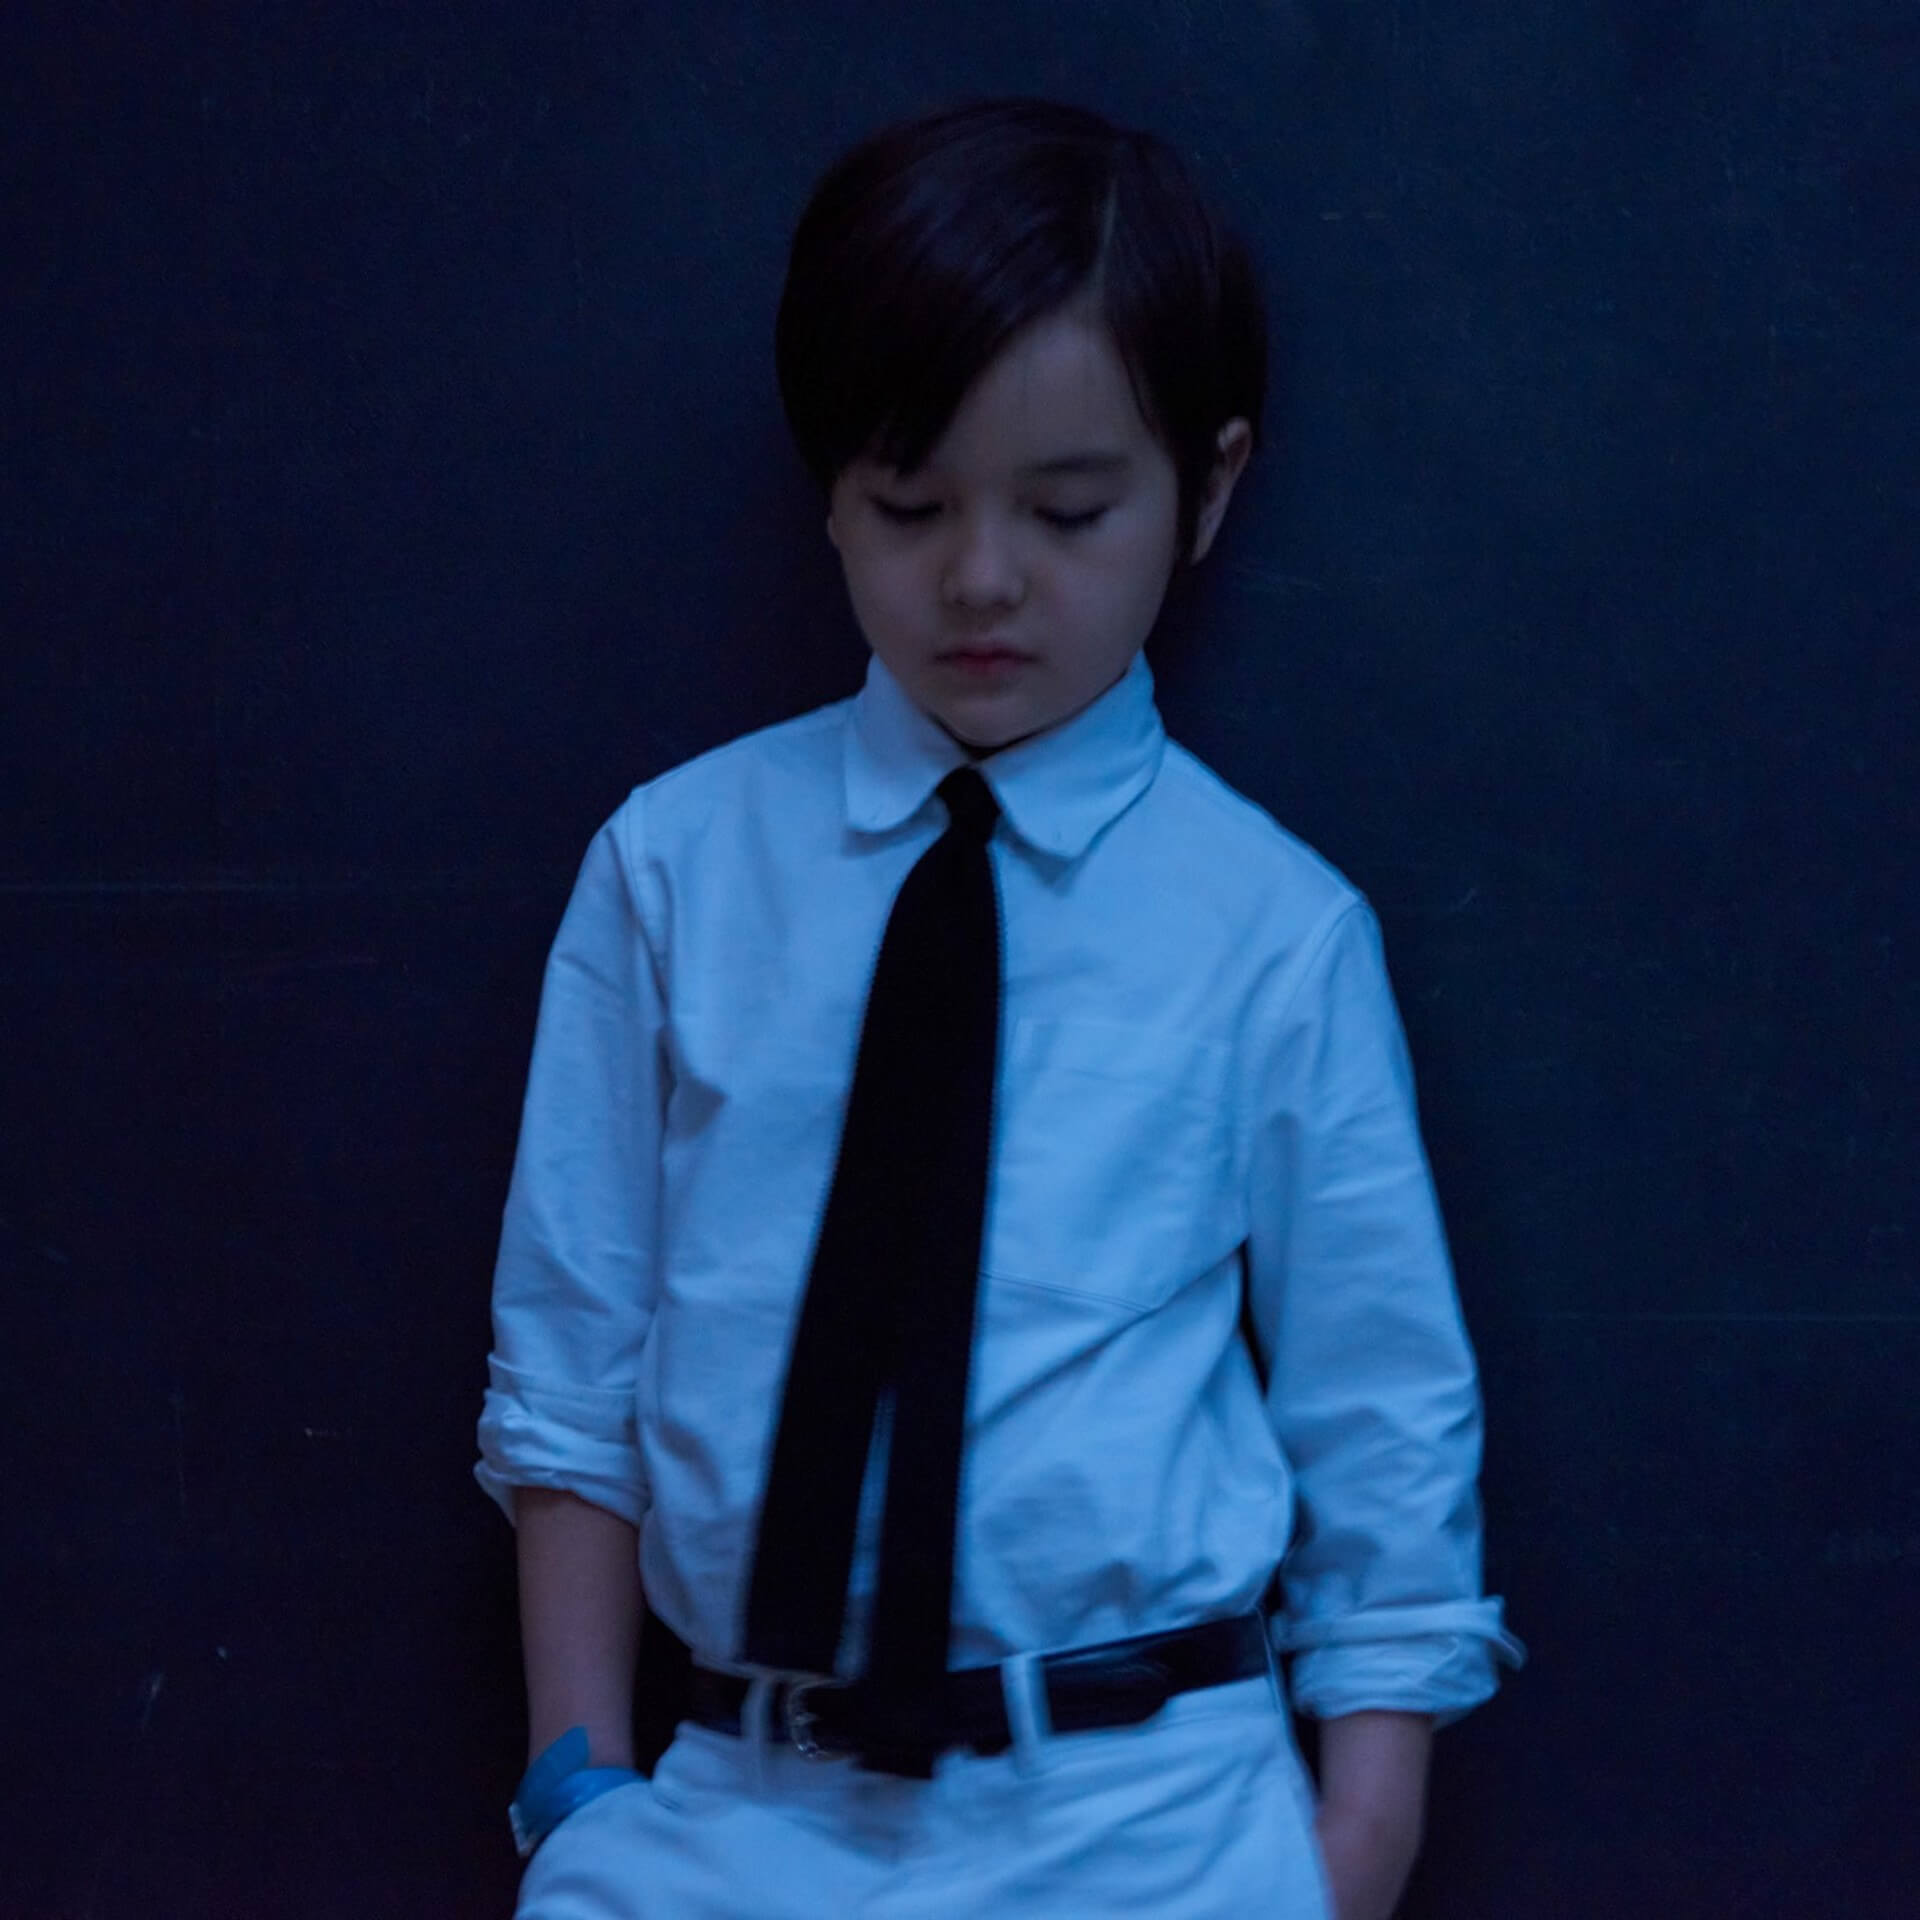 """小沢健二がドラマ『珈琲いかがでしょう』OP曲""""エル・フエゴ""""のMVを公開!今夜Mステ2時間SPでは生ギター&生チェロでフルver.を披露 music210521_kenji-ozawa210521_1"""